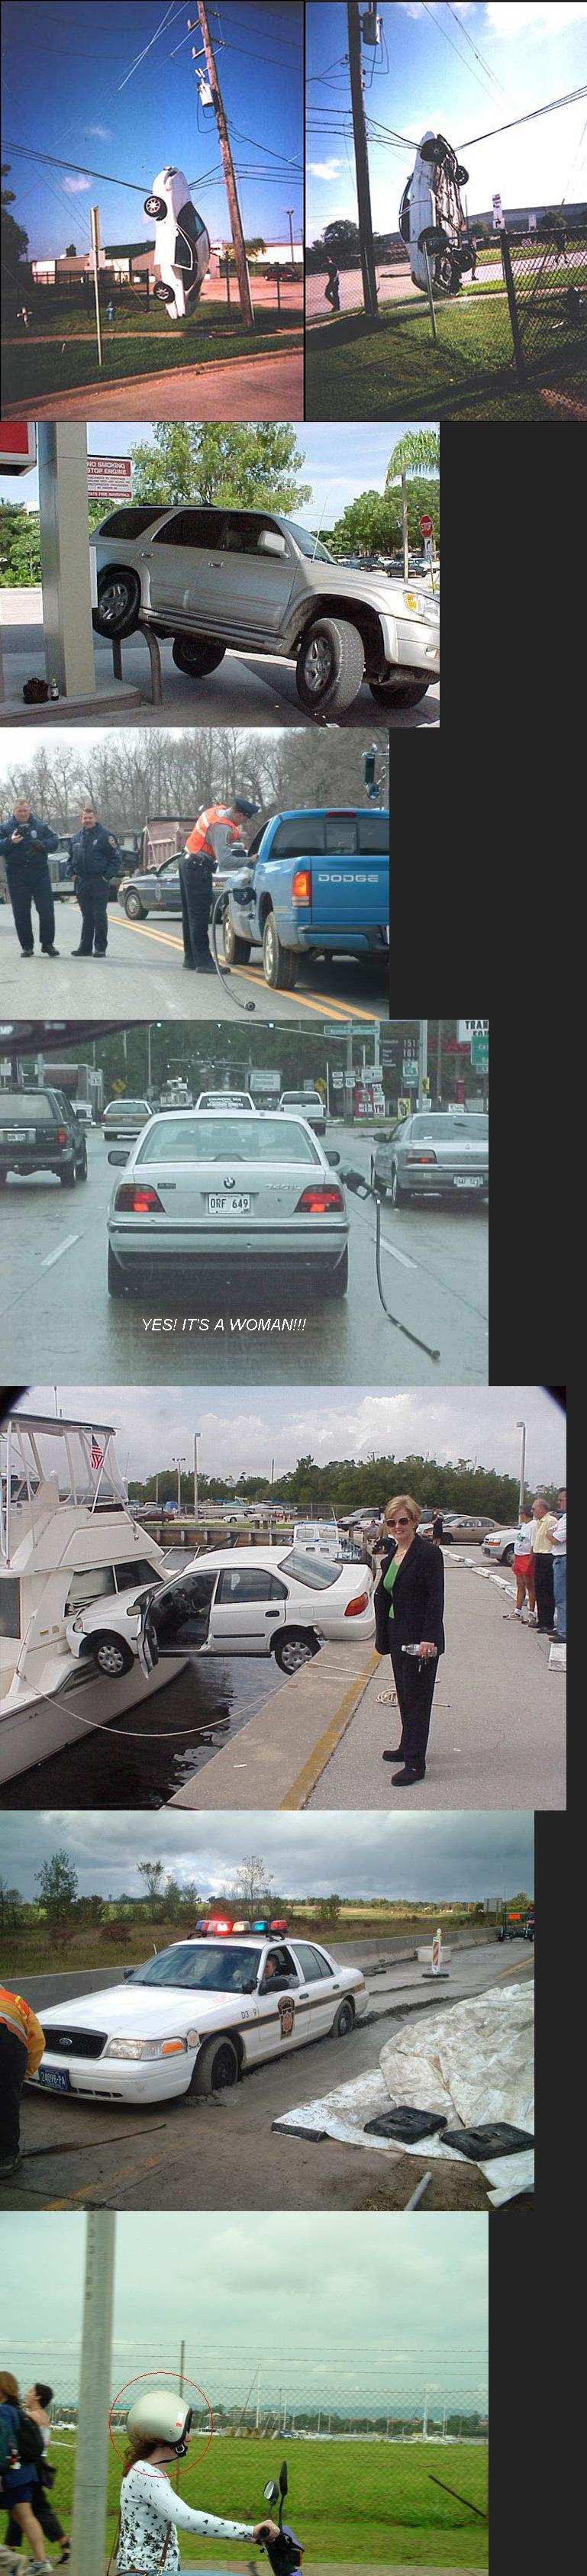 Women Drivers. Definitely women drivers. And no I am not sexist it is just a joke... last one i was liek HURRRR DURRRR women Drivers belong in the kitchen lol funny WTF